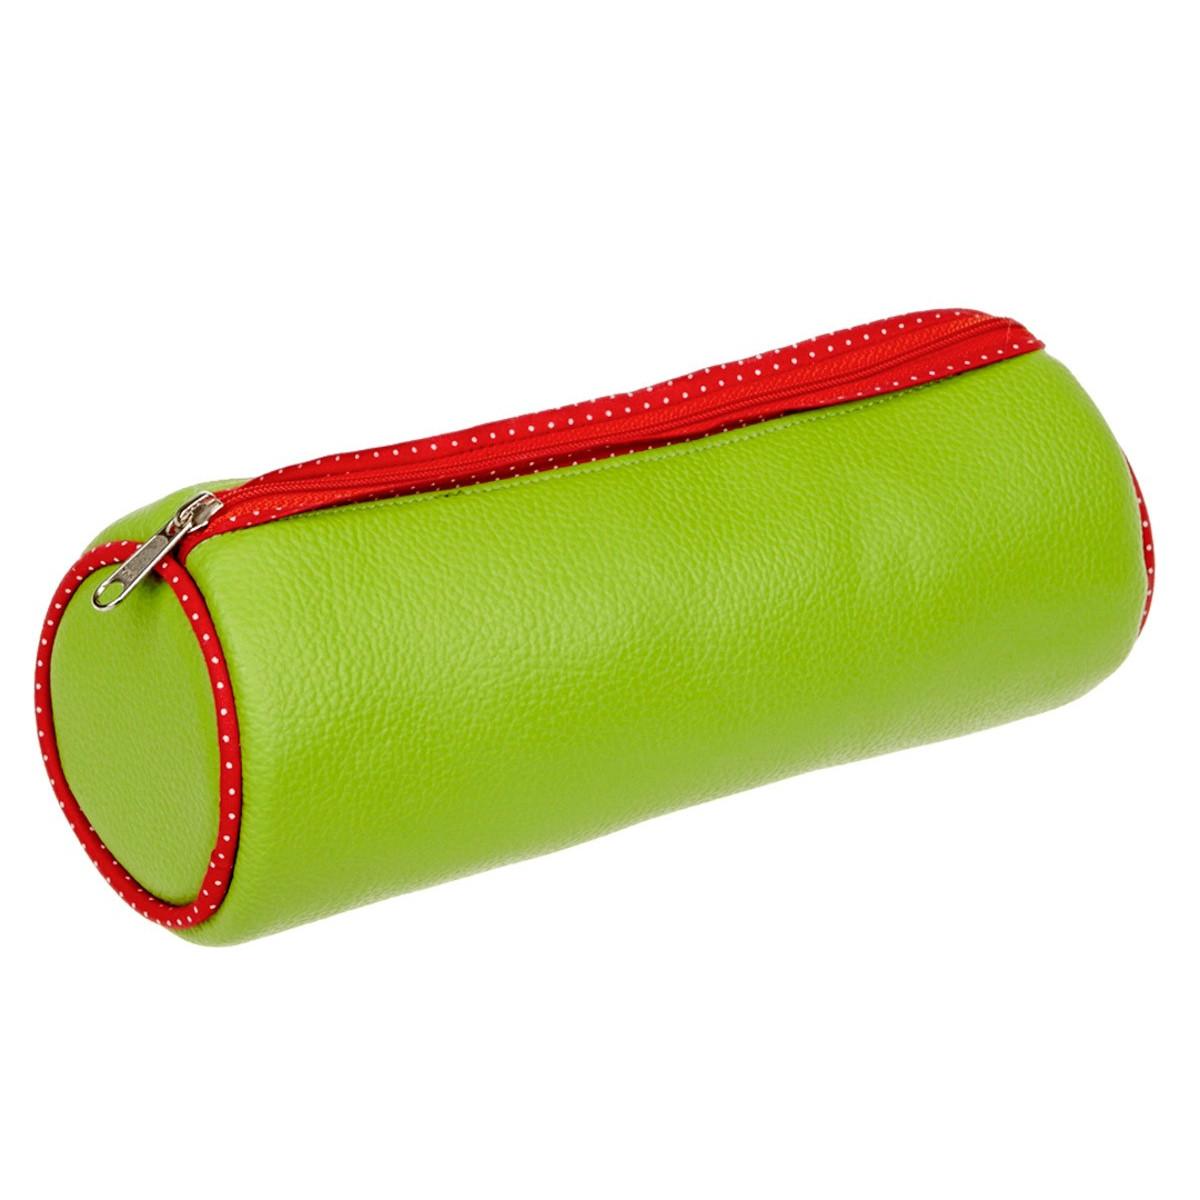 Trousse d'école vert et rouge